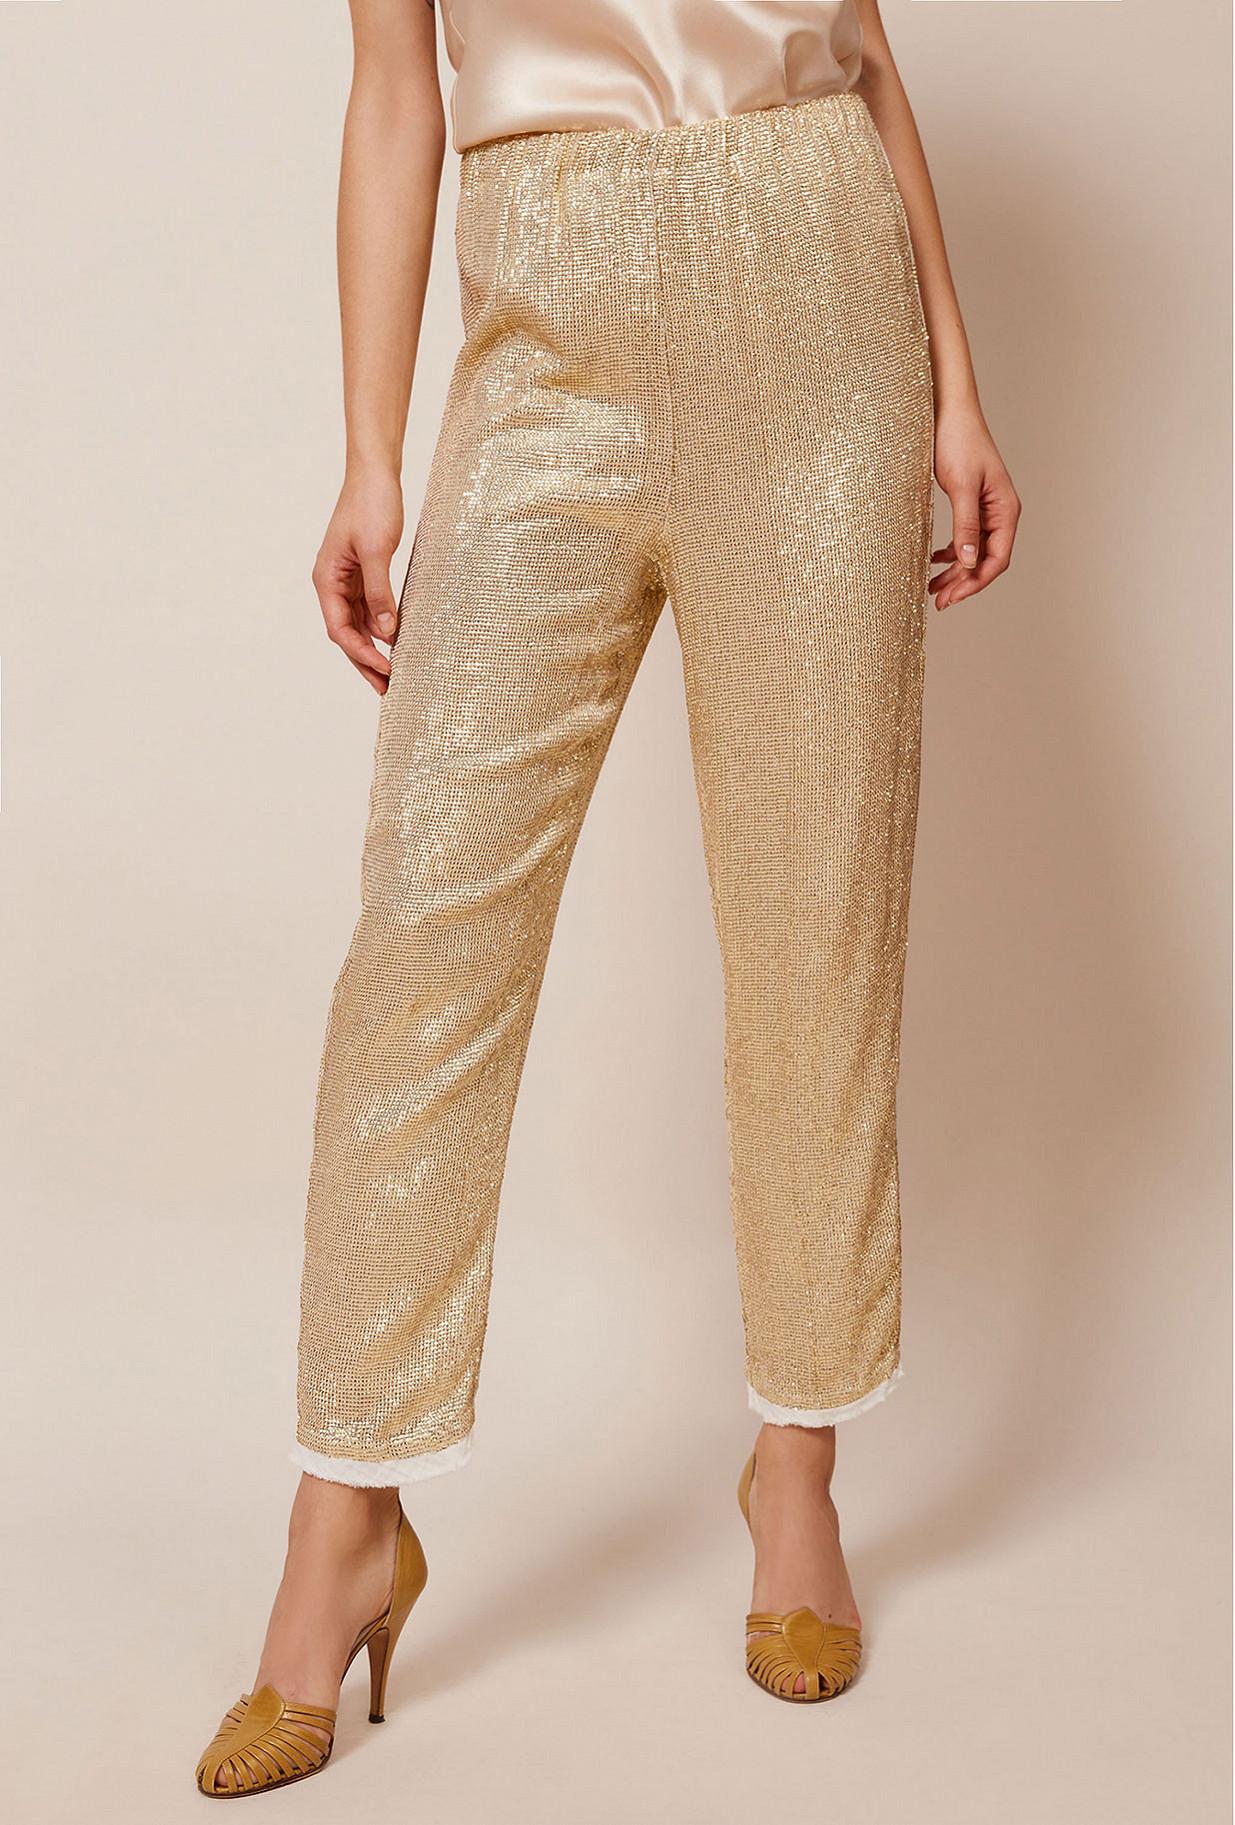 Paris boutique de mode vêtement Pantalon créateur bohème  Phenomenon